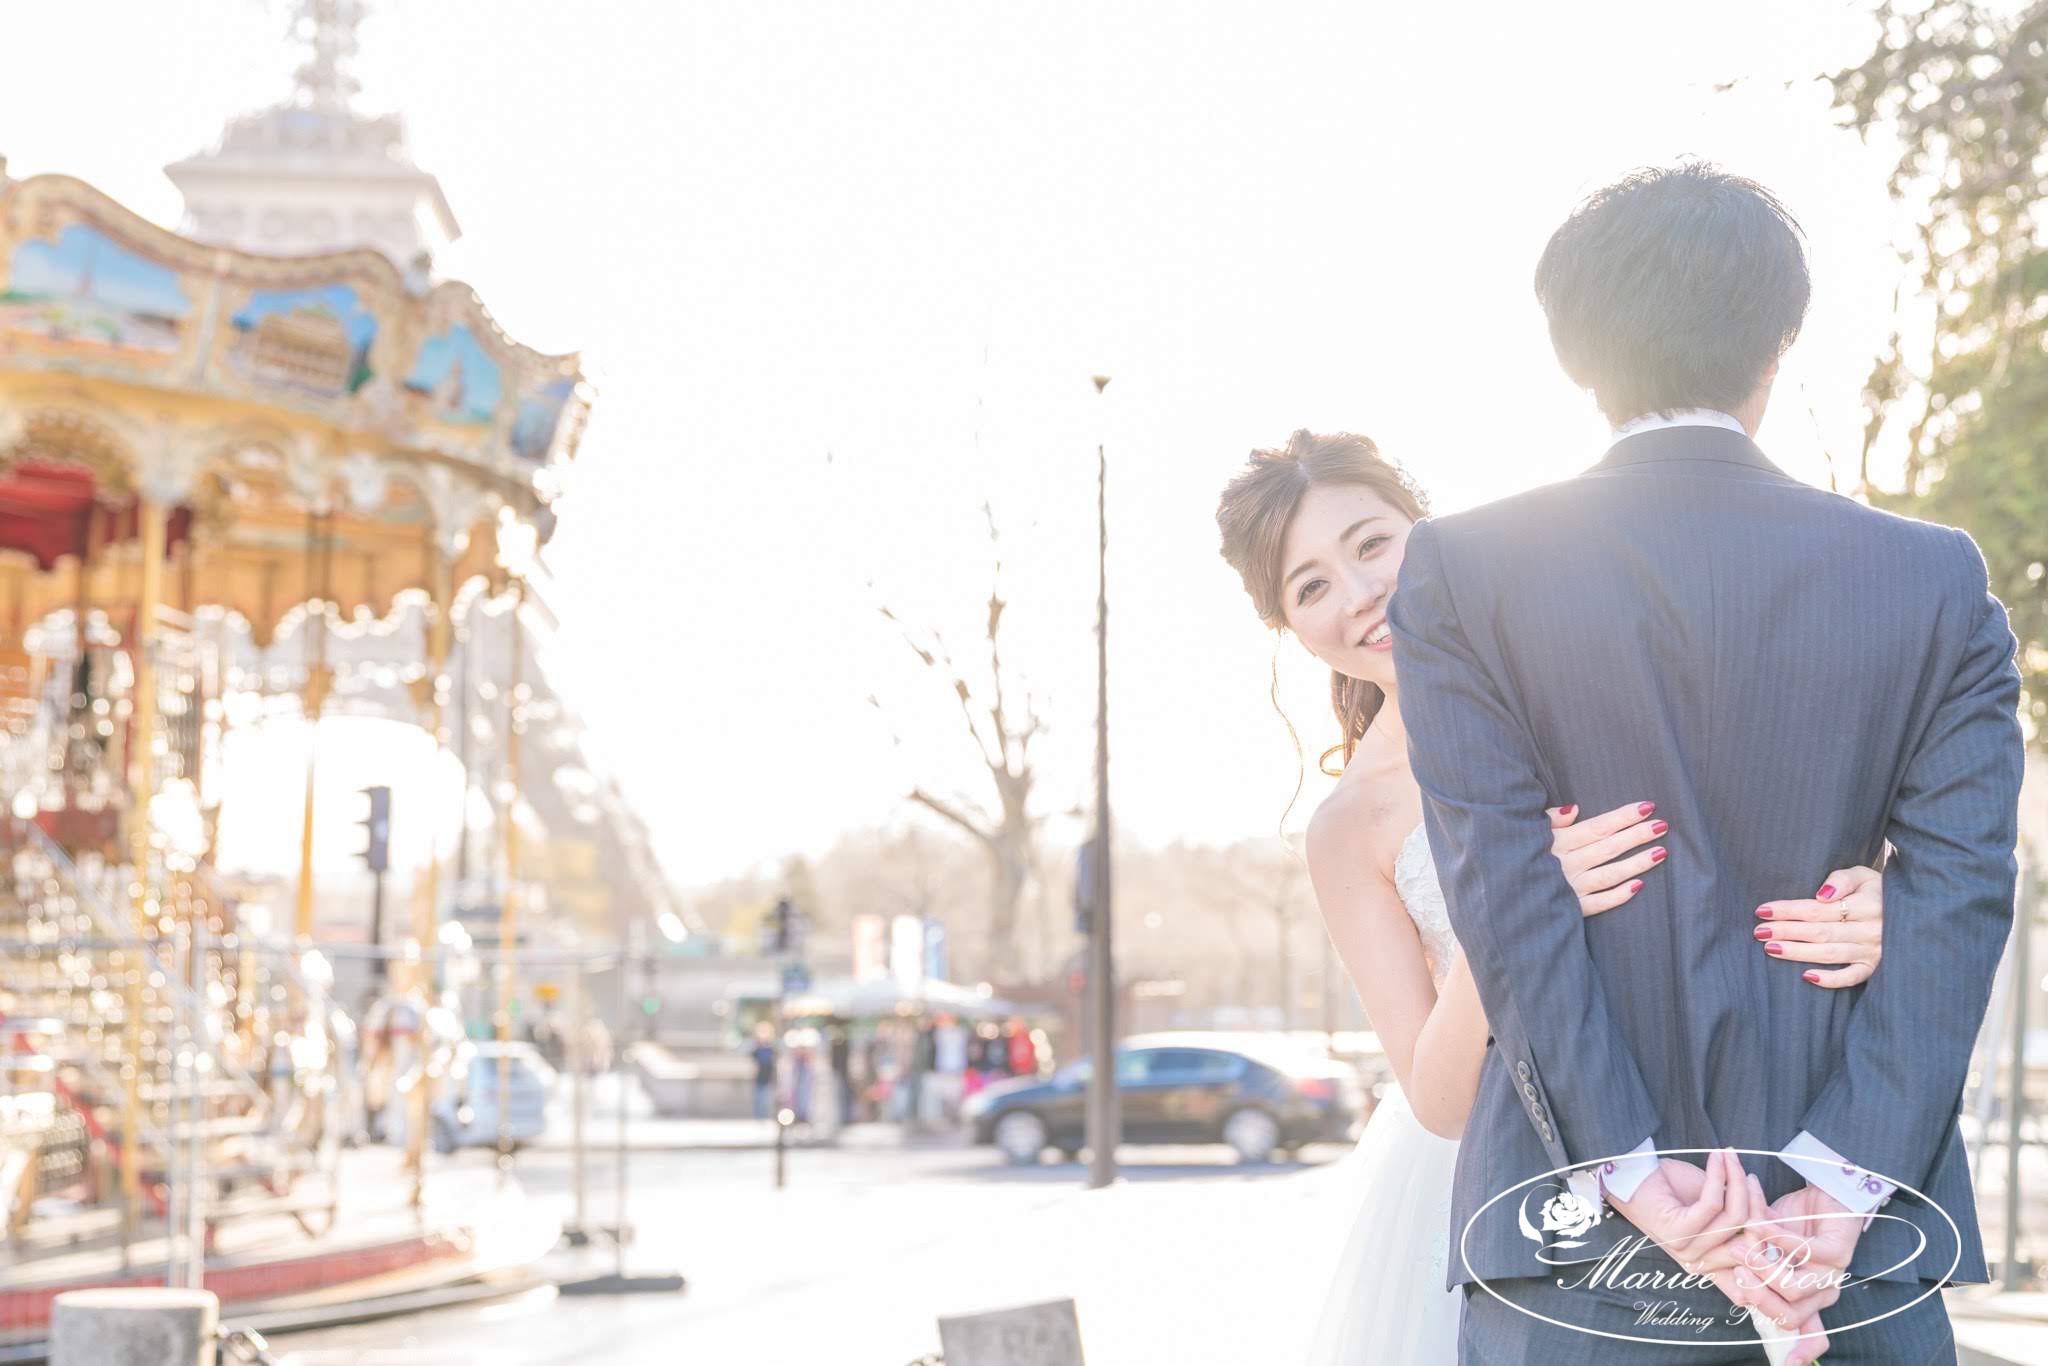 パリフォトウェディング,パリ前撮り,プレ花嫁